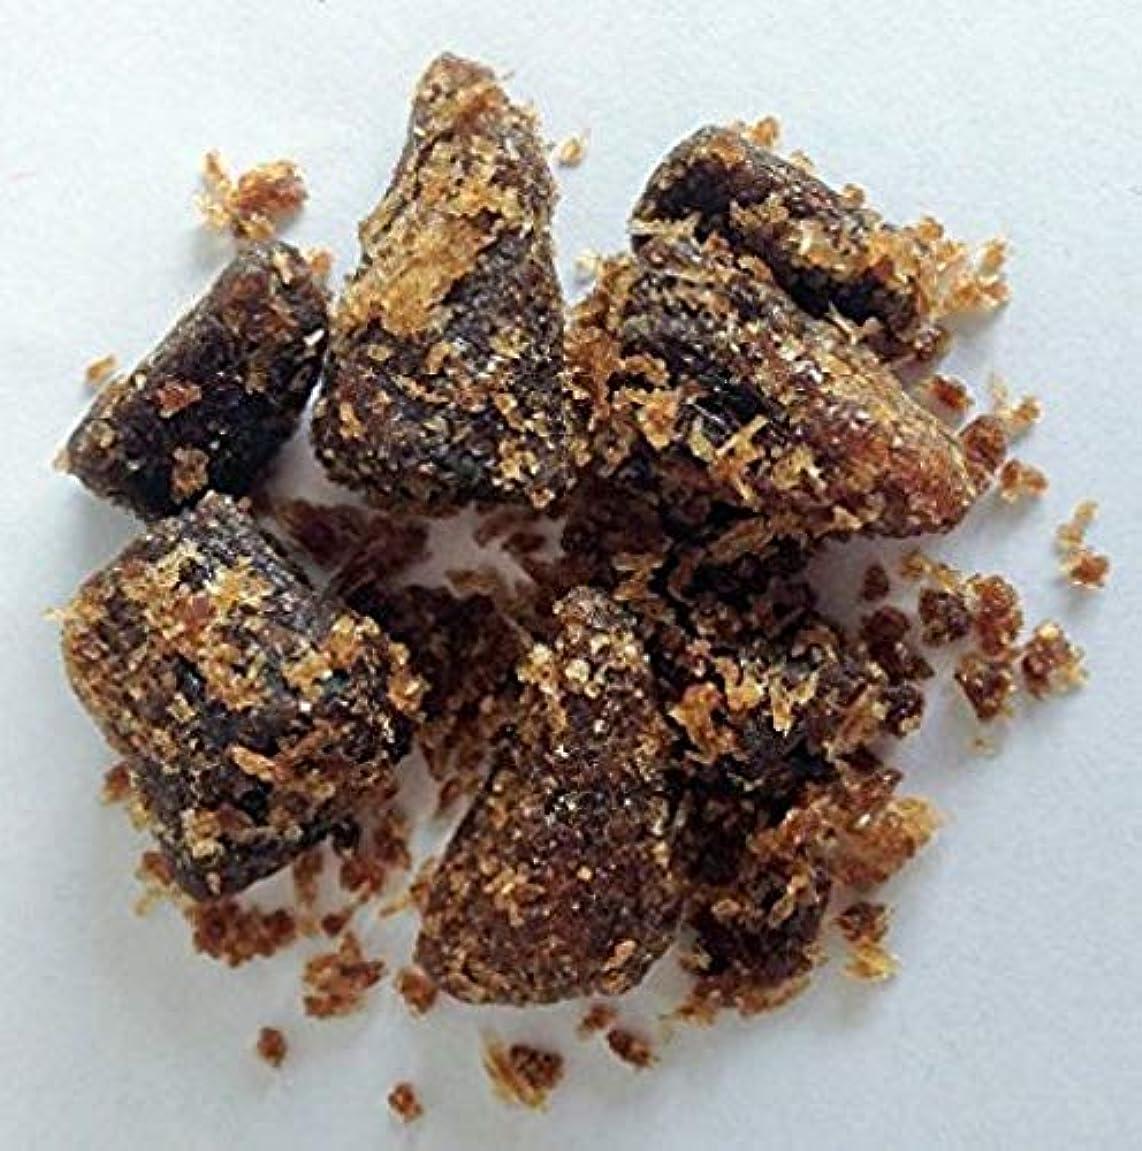 バドミントンプロットヒロイック50 gオレンジ樹脂Incense Dhoop Agarbatti供養Best Fragrance